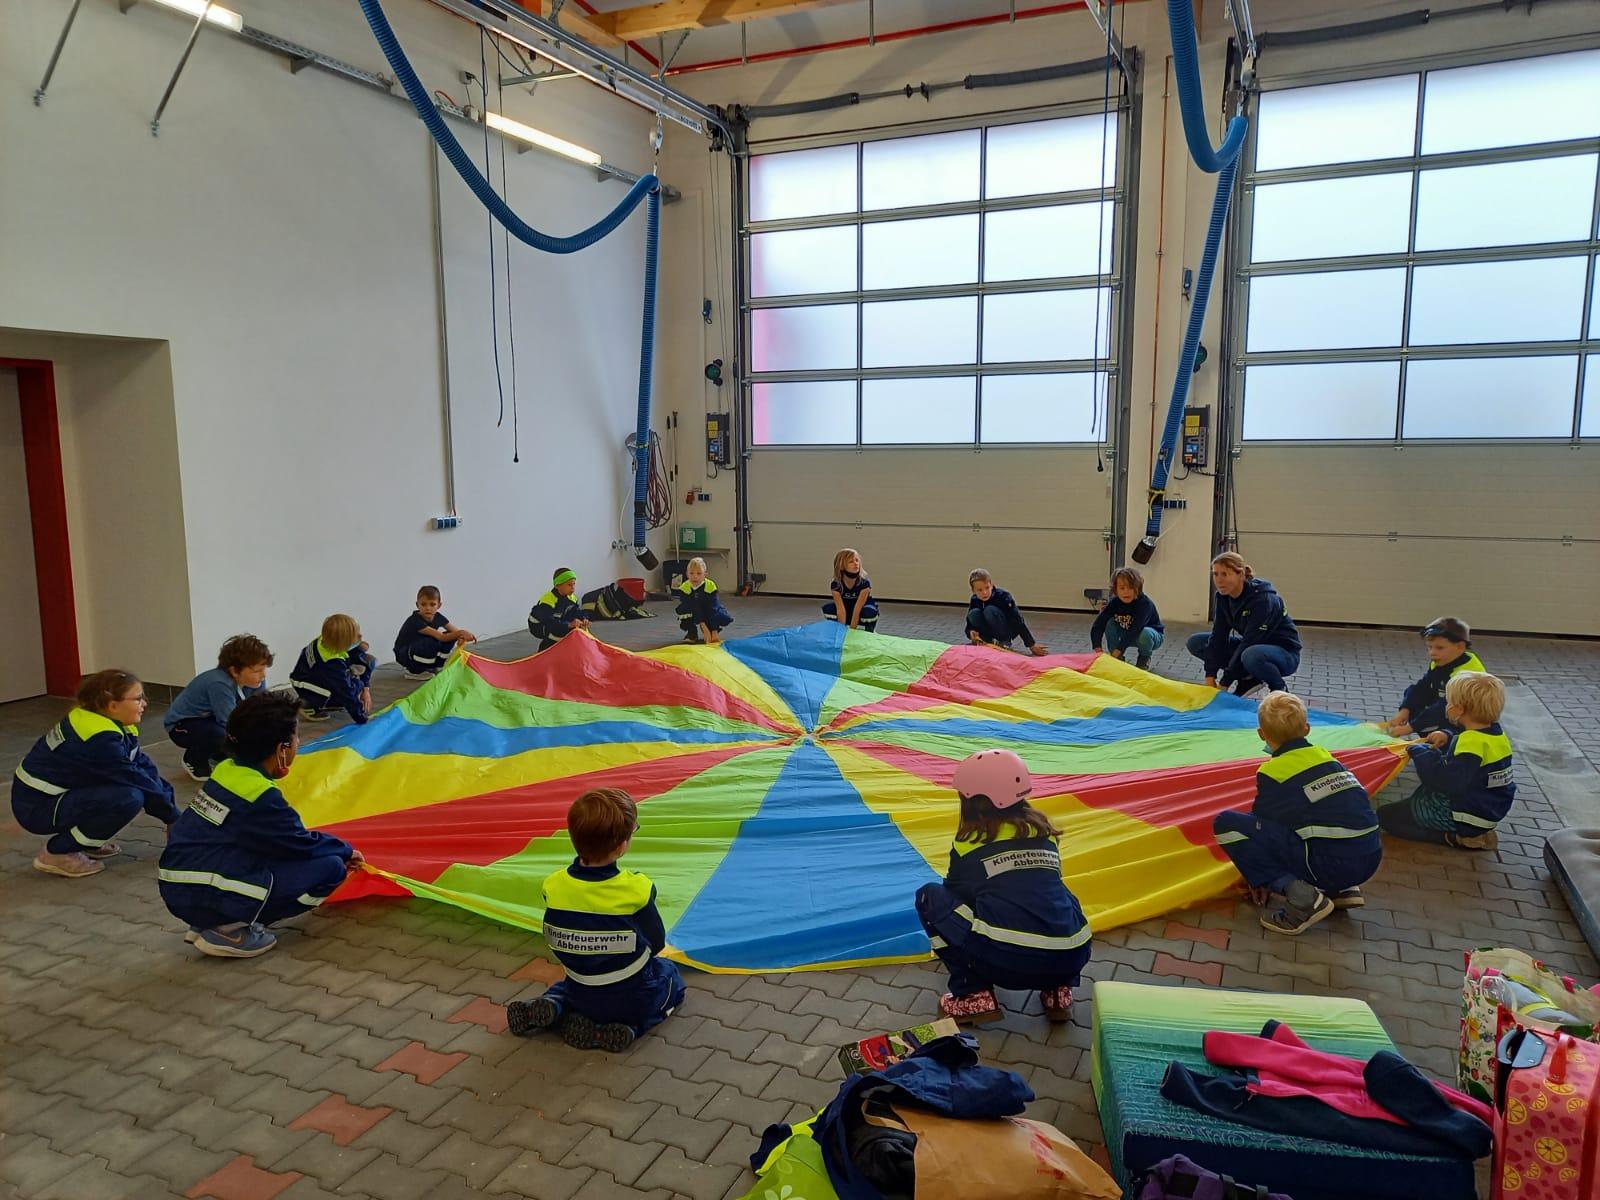 You are currently viewing Übernachtung der Kinderfeuerwehr im Feuerwehrhaus